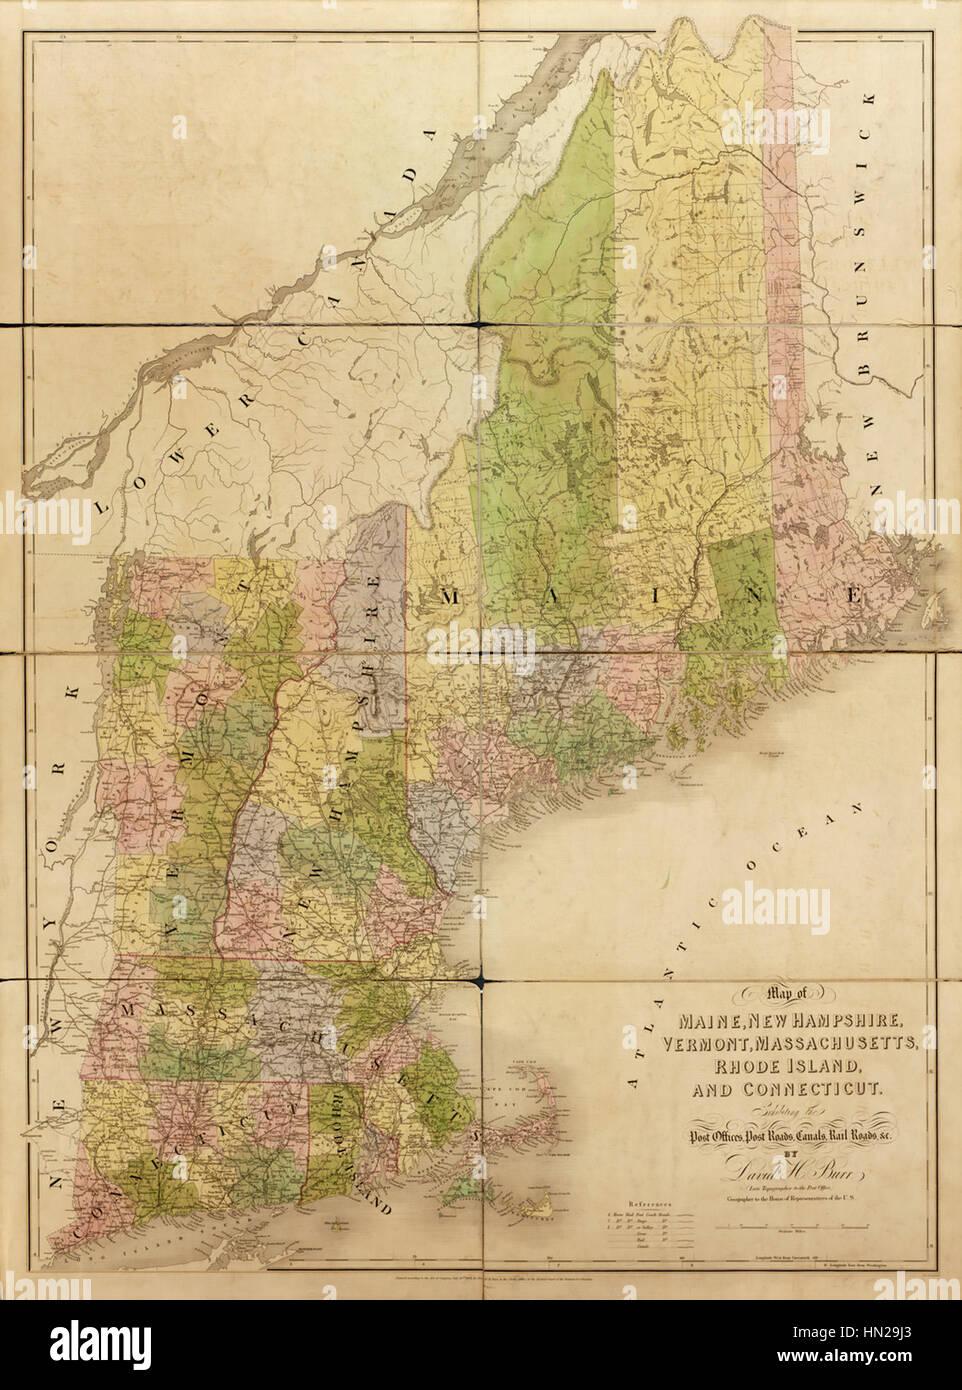 Map of Maine, New Hampshire, Vermont, Massachusetts, Rhode Island ...